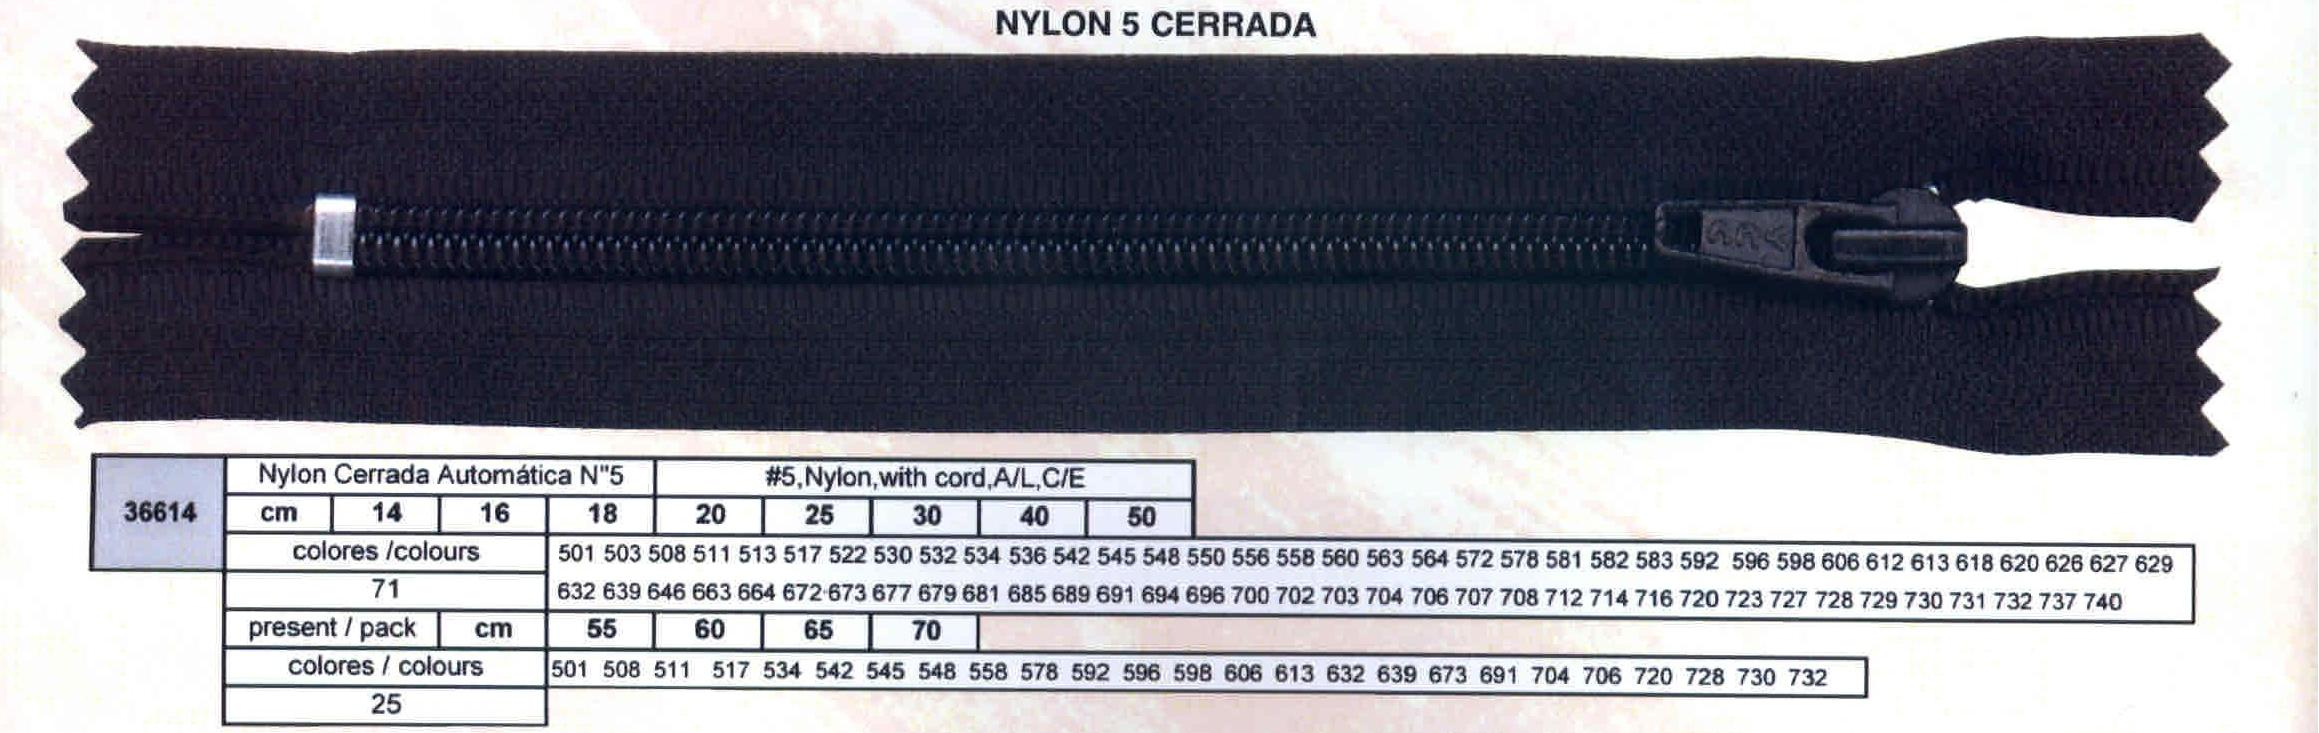 Cremallera SNS Nylon Cerrada Automática num. 5 Ref. 036614